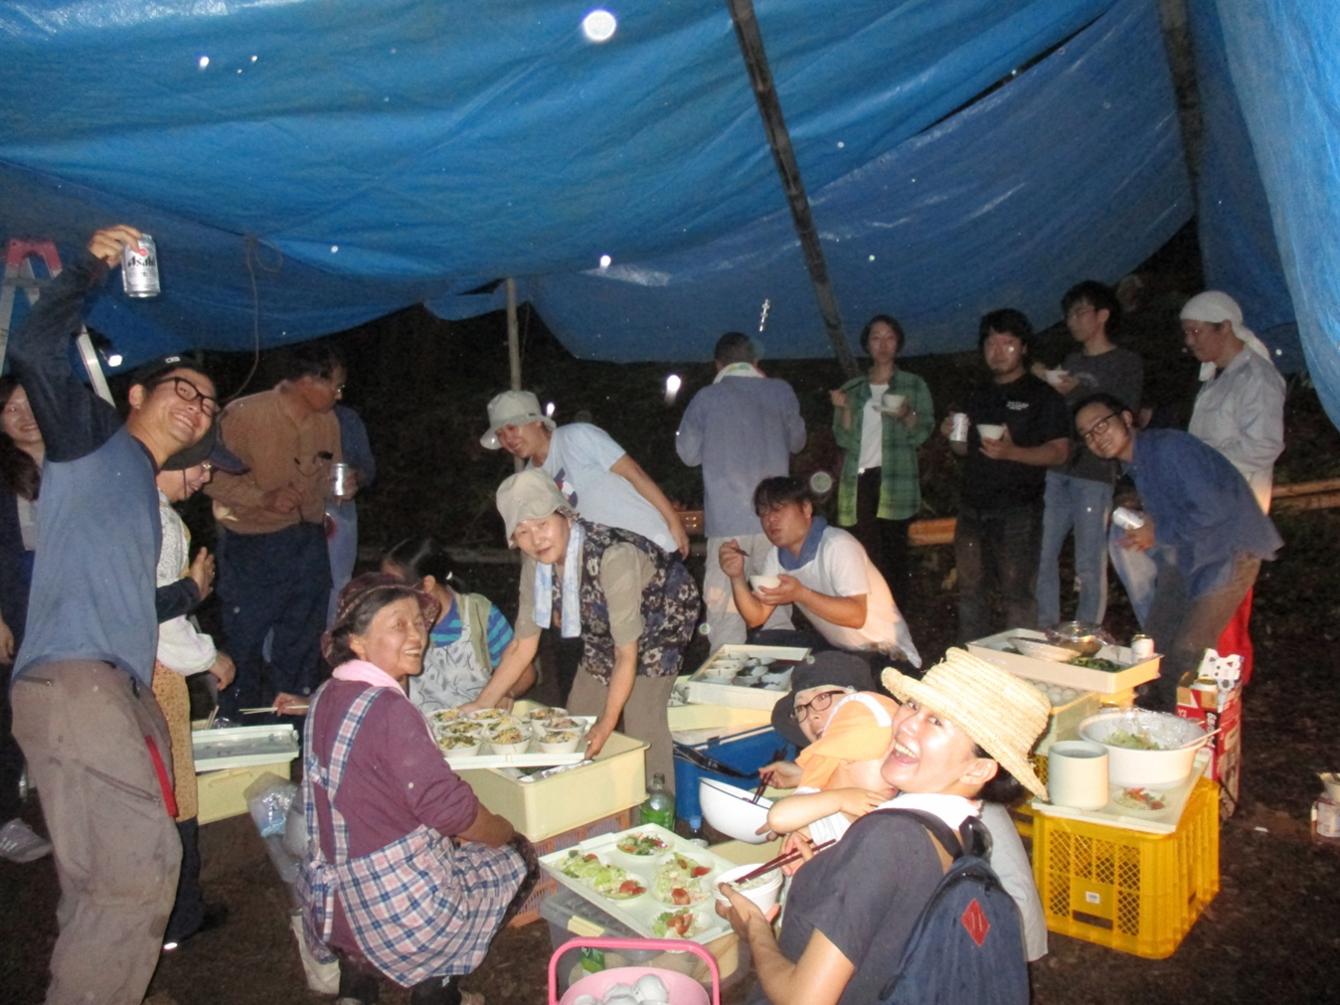 ドシャブリの中、食事。(イン神山の日記記事「7月9日(日)ライトな森づくりしました」中のもの)